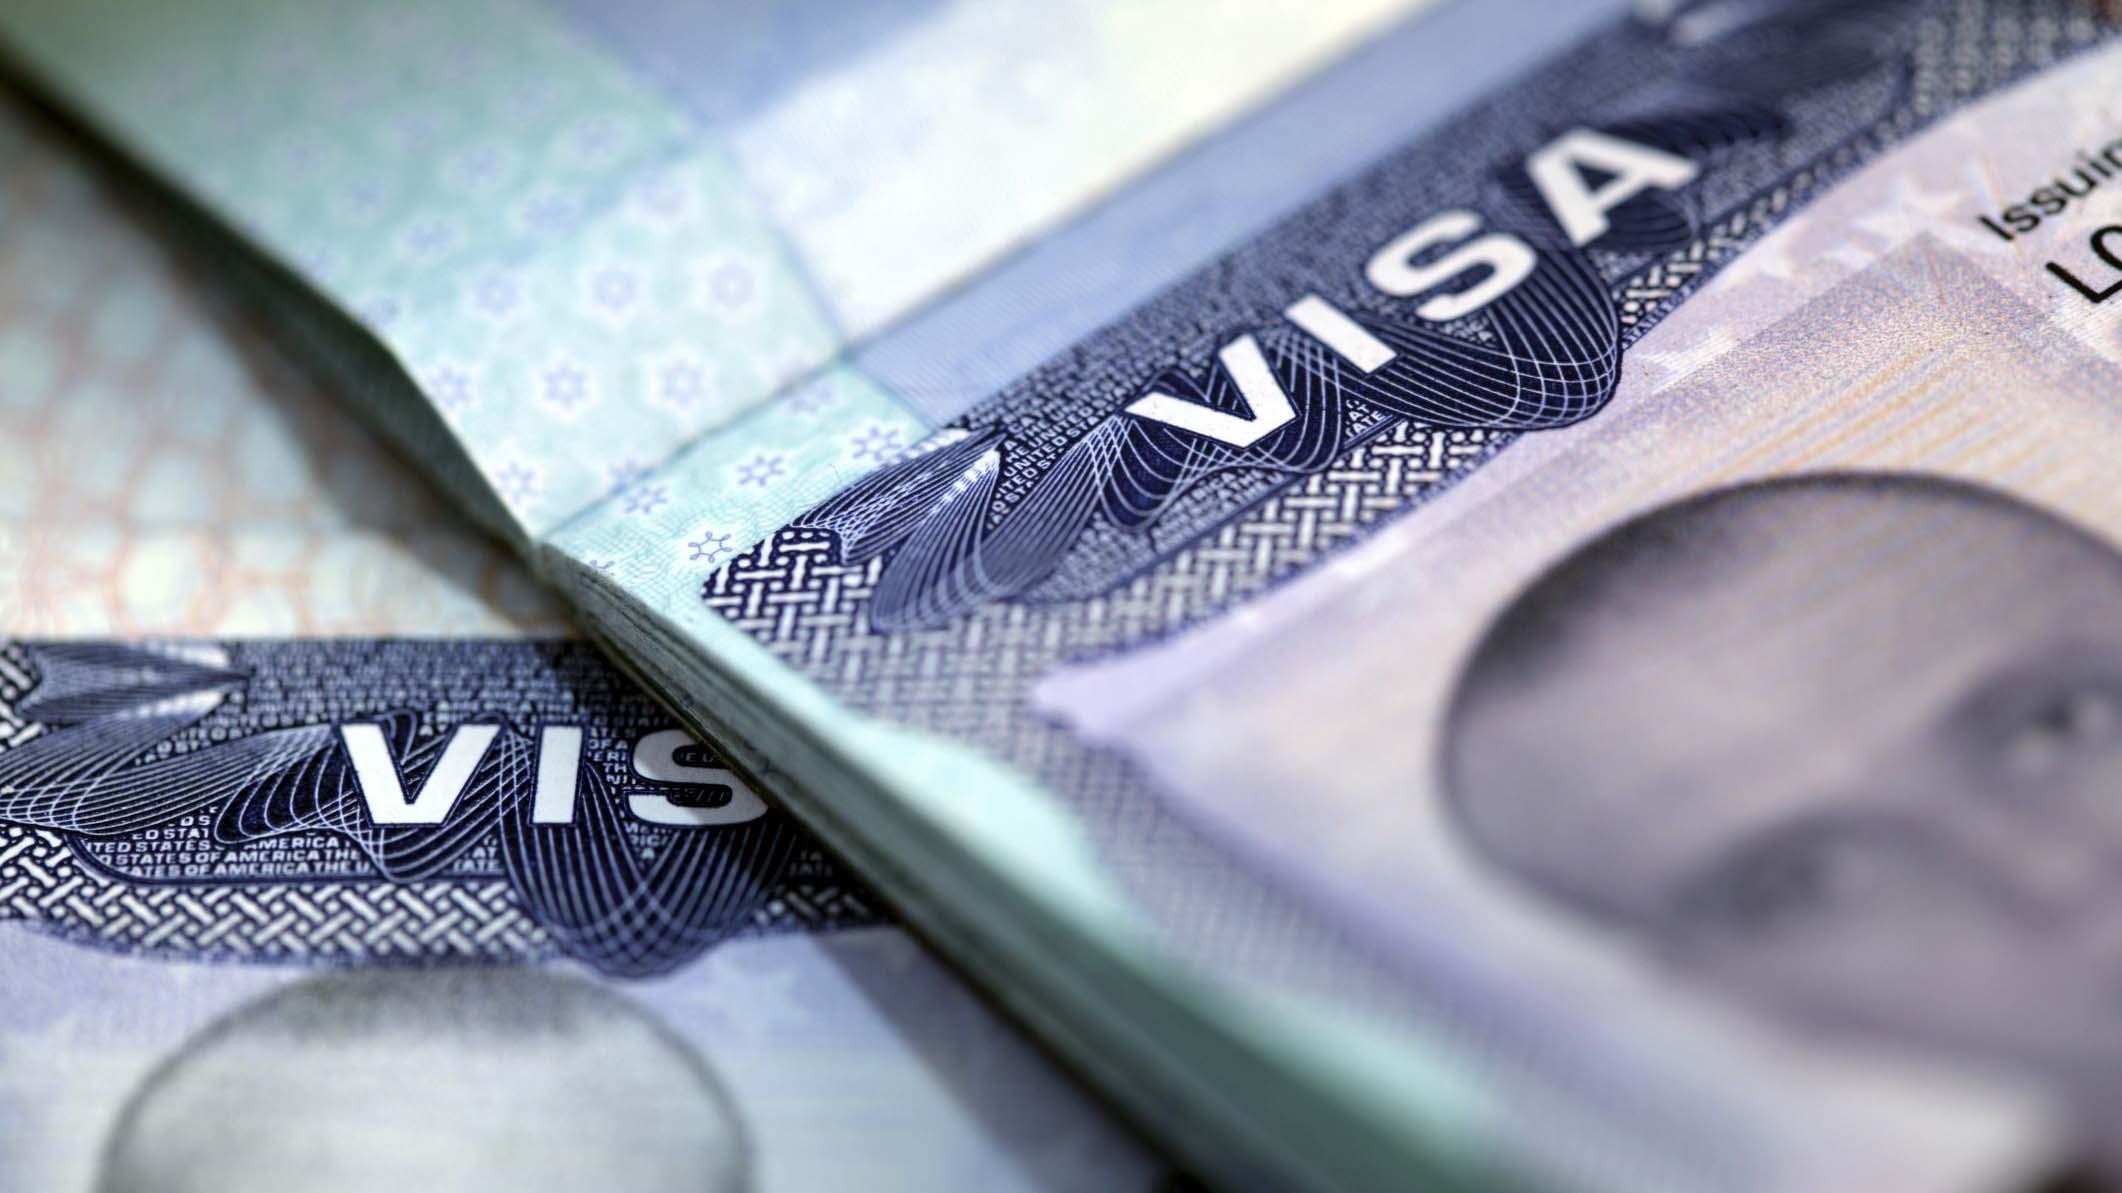 Doblellave-Solicitantes de visas a EE.UU. deberán presentar historial de redes sociales